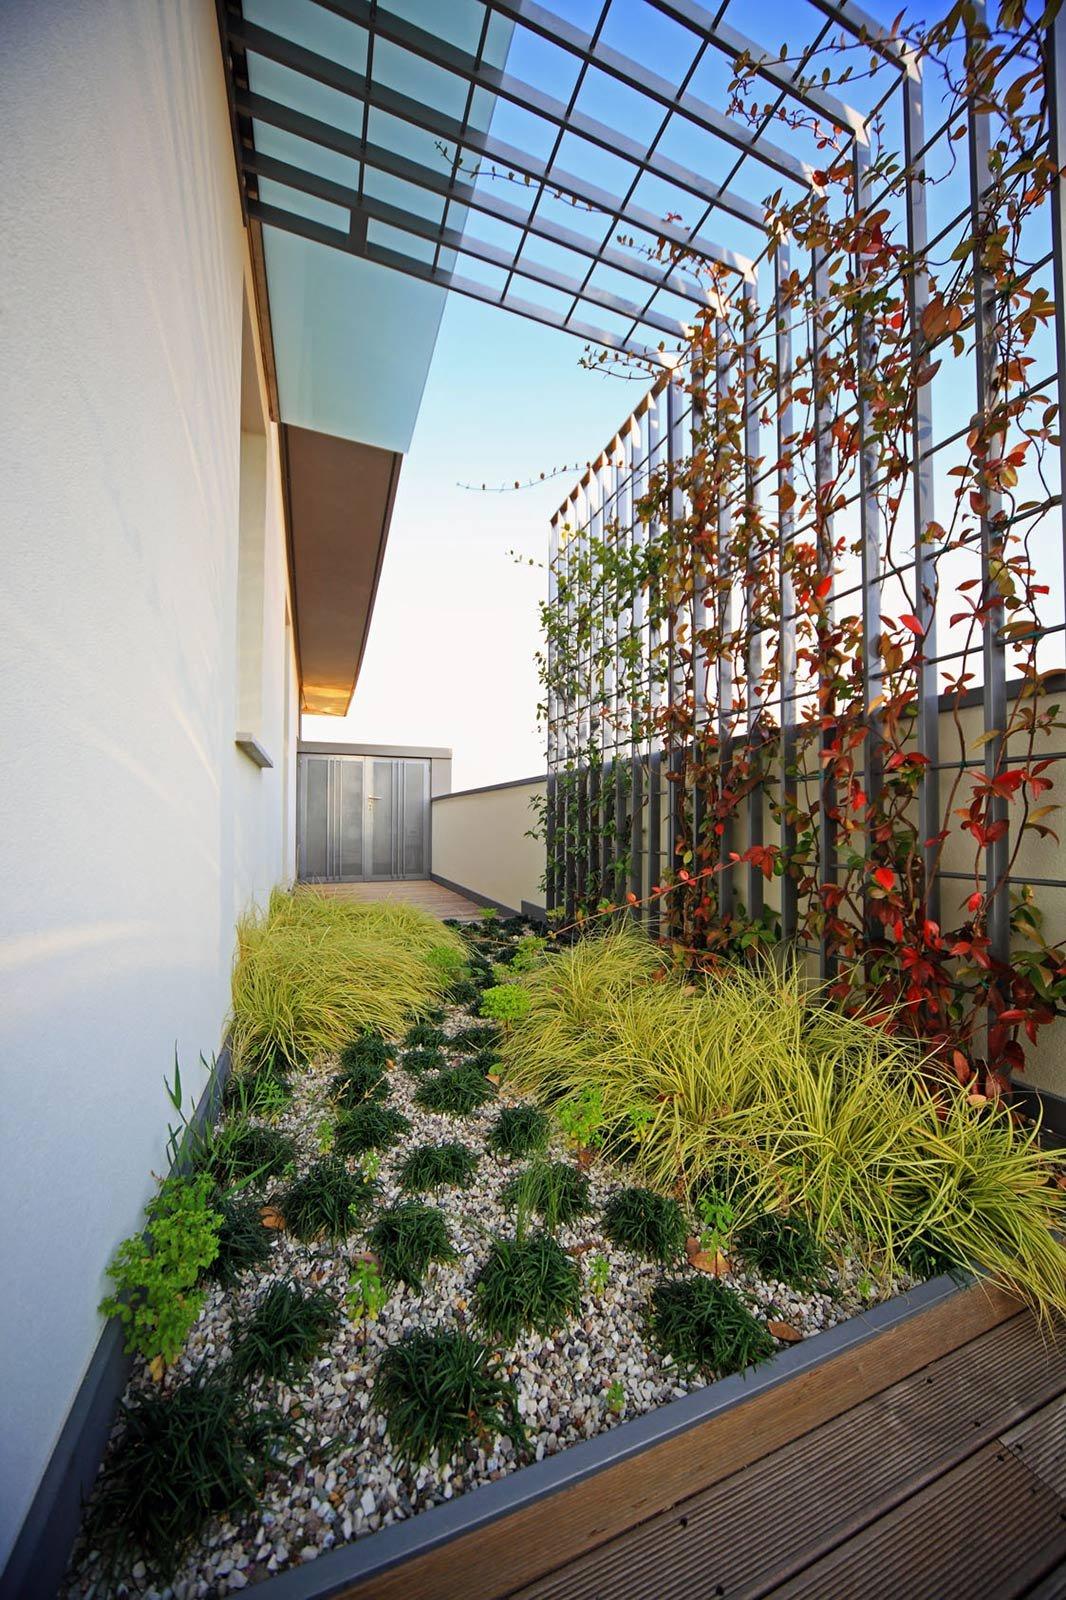 Giardino Pensile Auditorium : Giardino pensile oasi verdi in città cose di casa